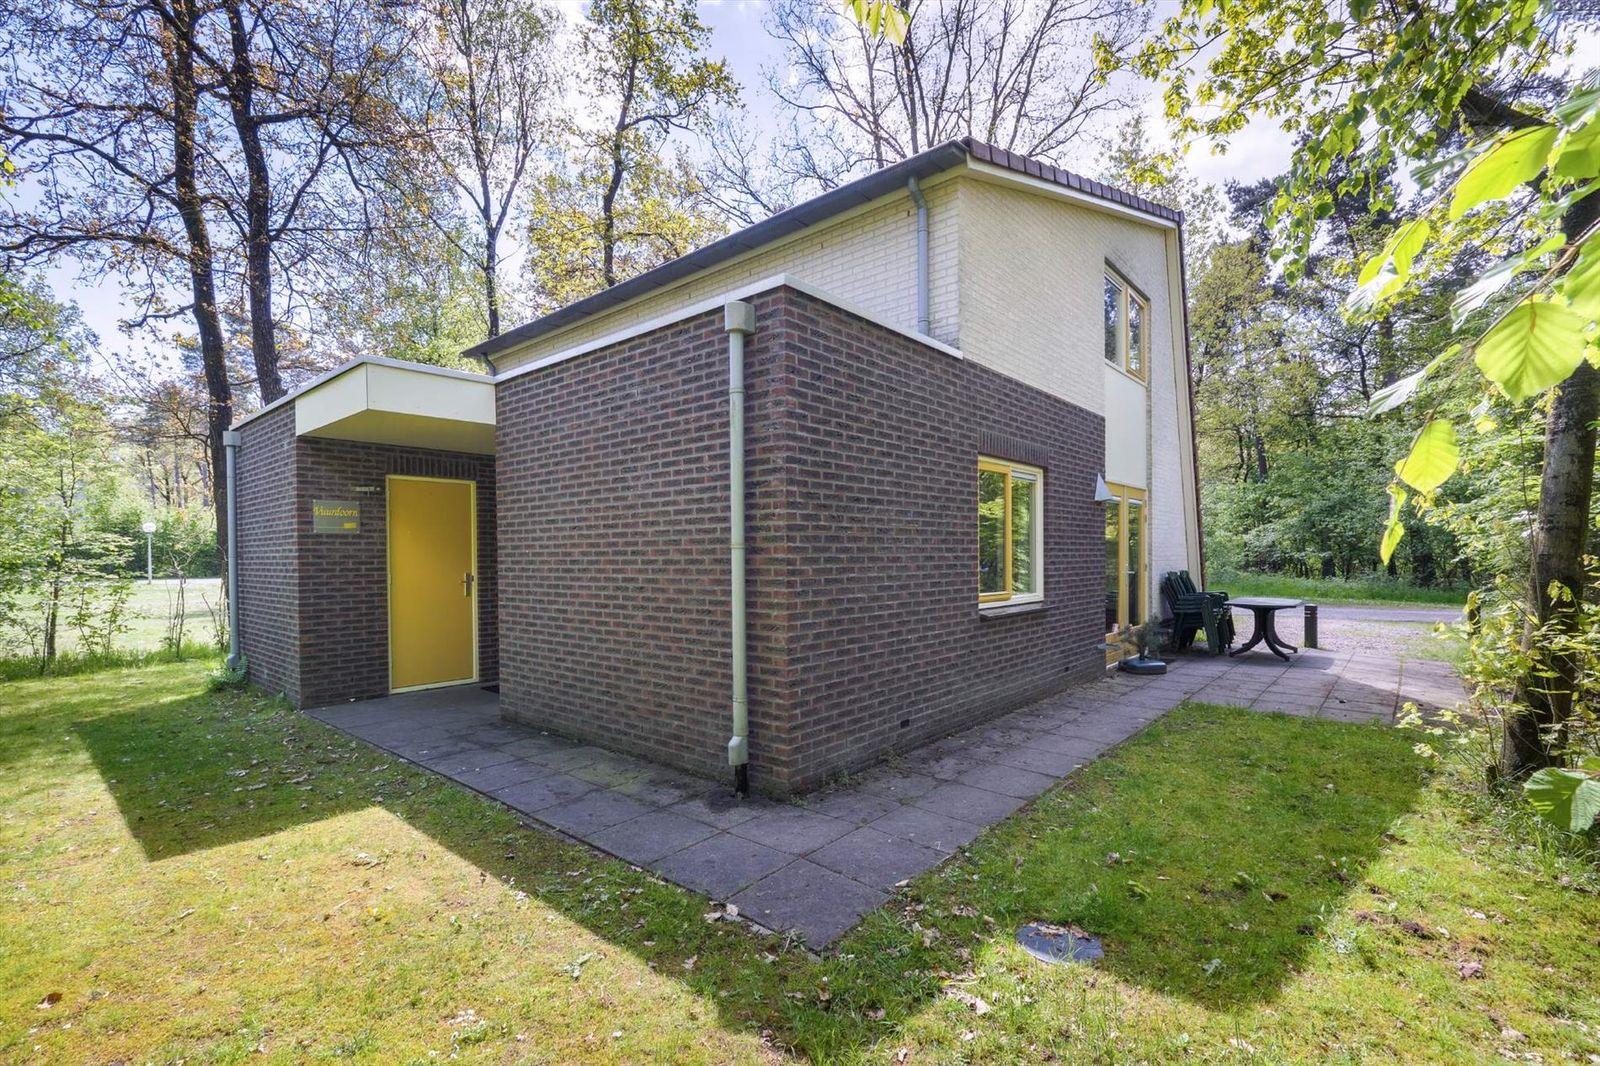 Krimweg 140B38, Hoenderloo